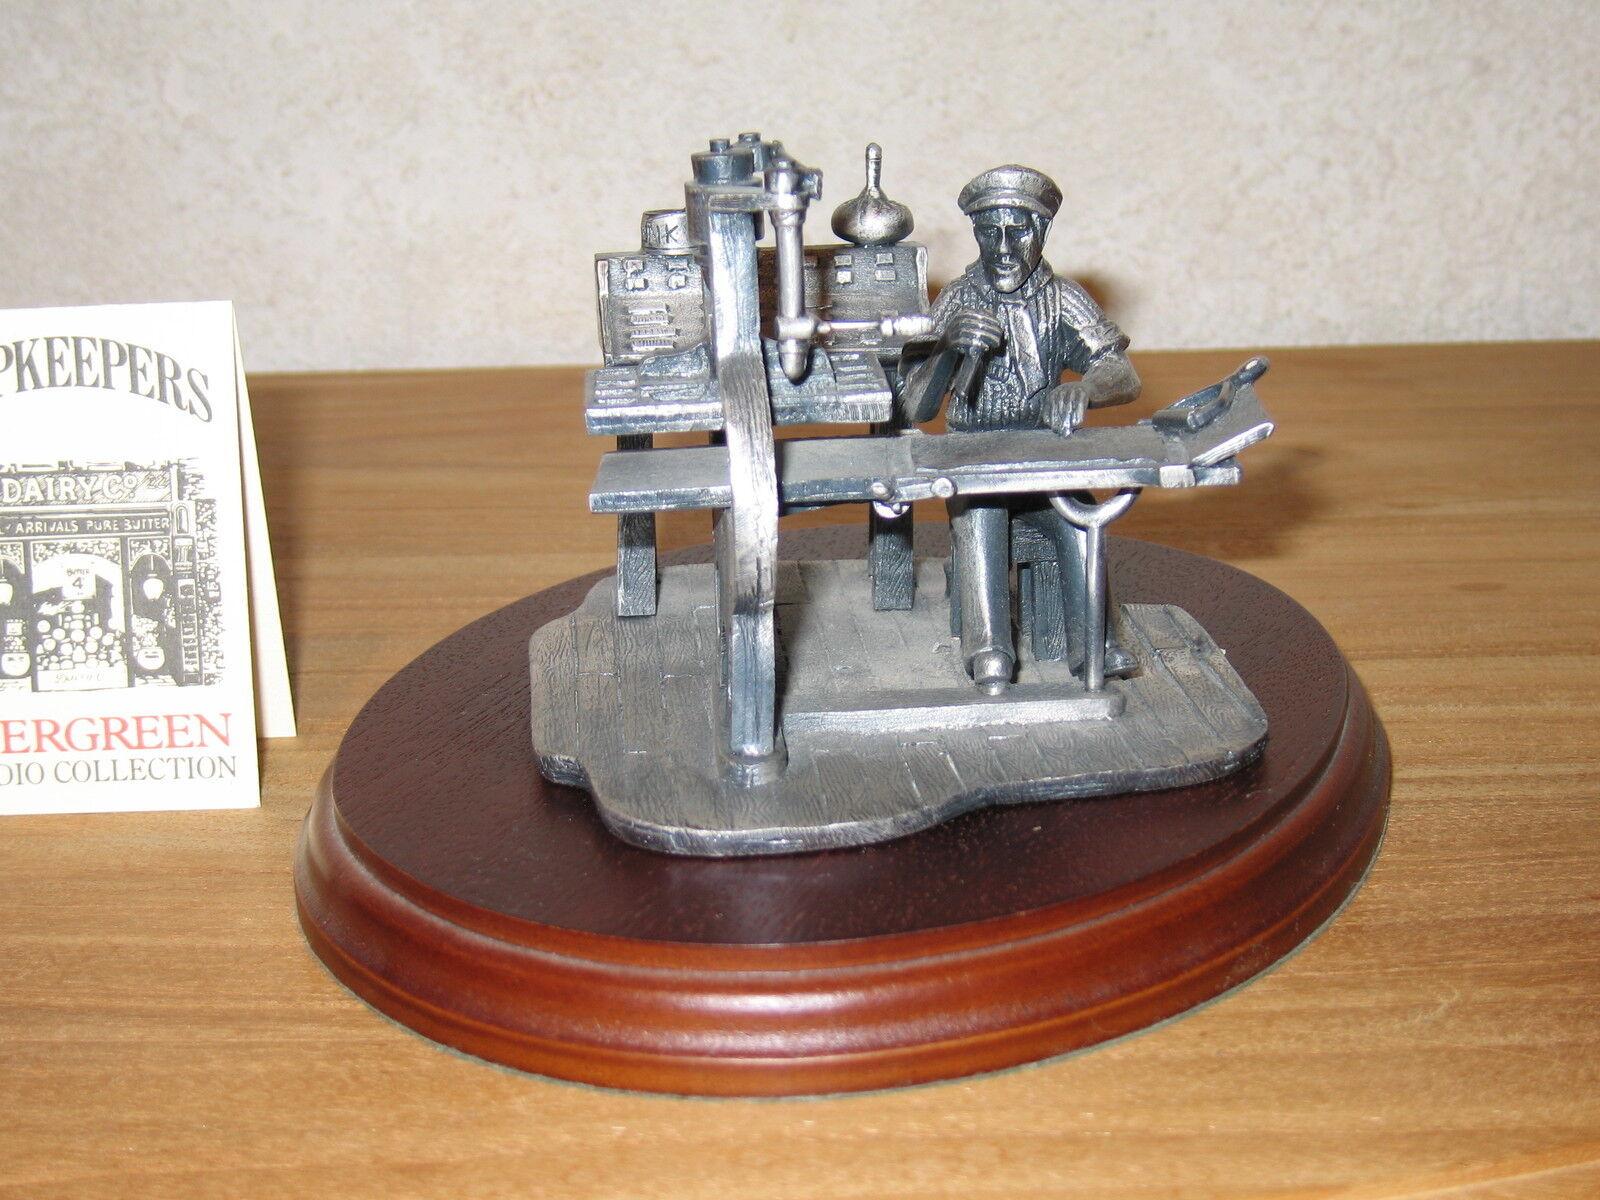 EVERGrün NEW Imprimeur en étain 9cm